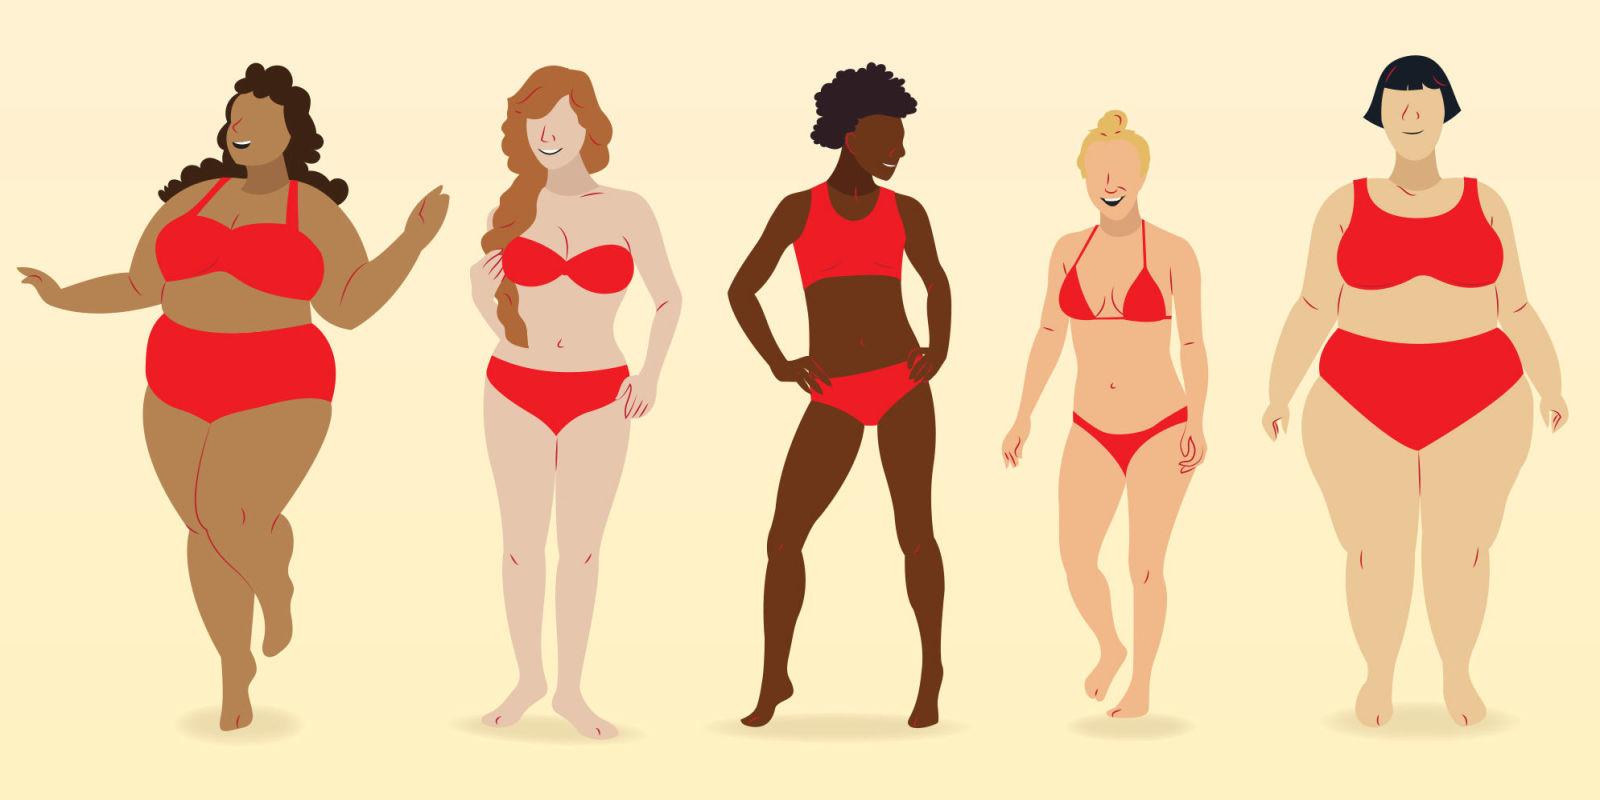 Ideal Bikini Body 29